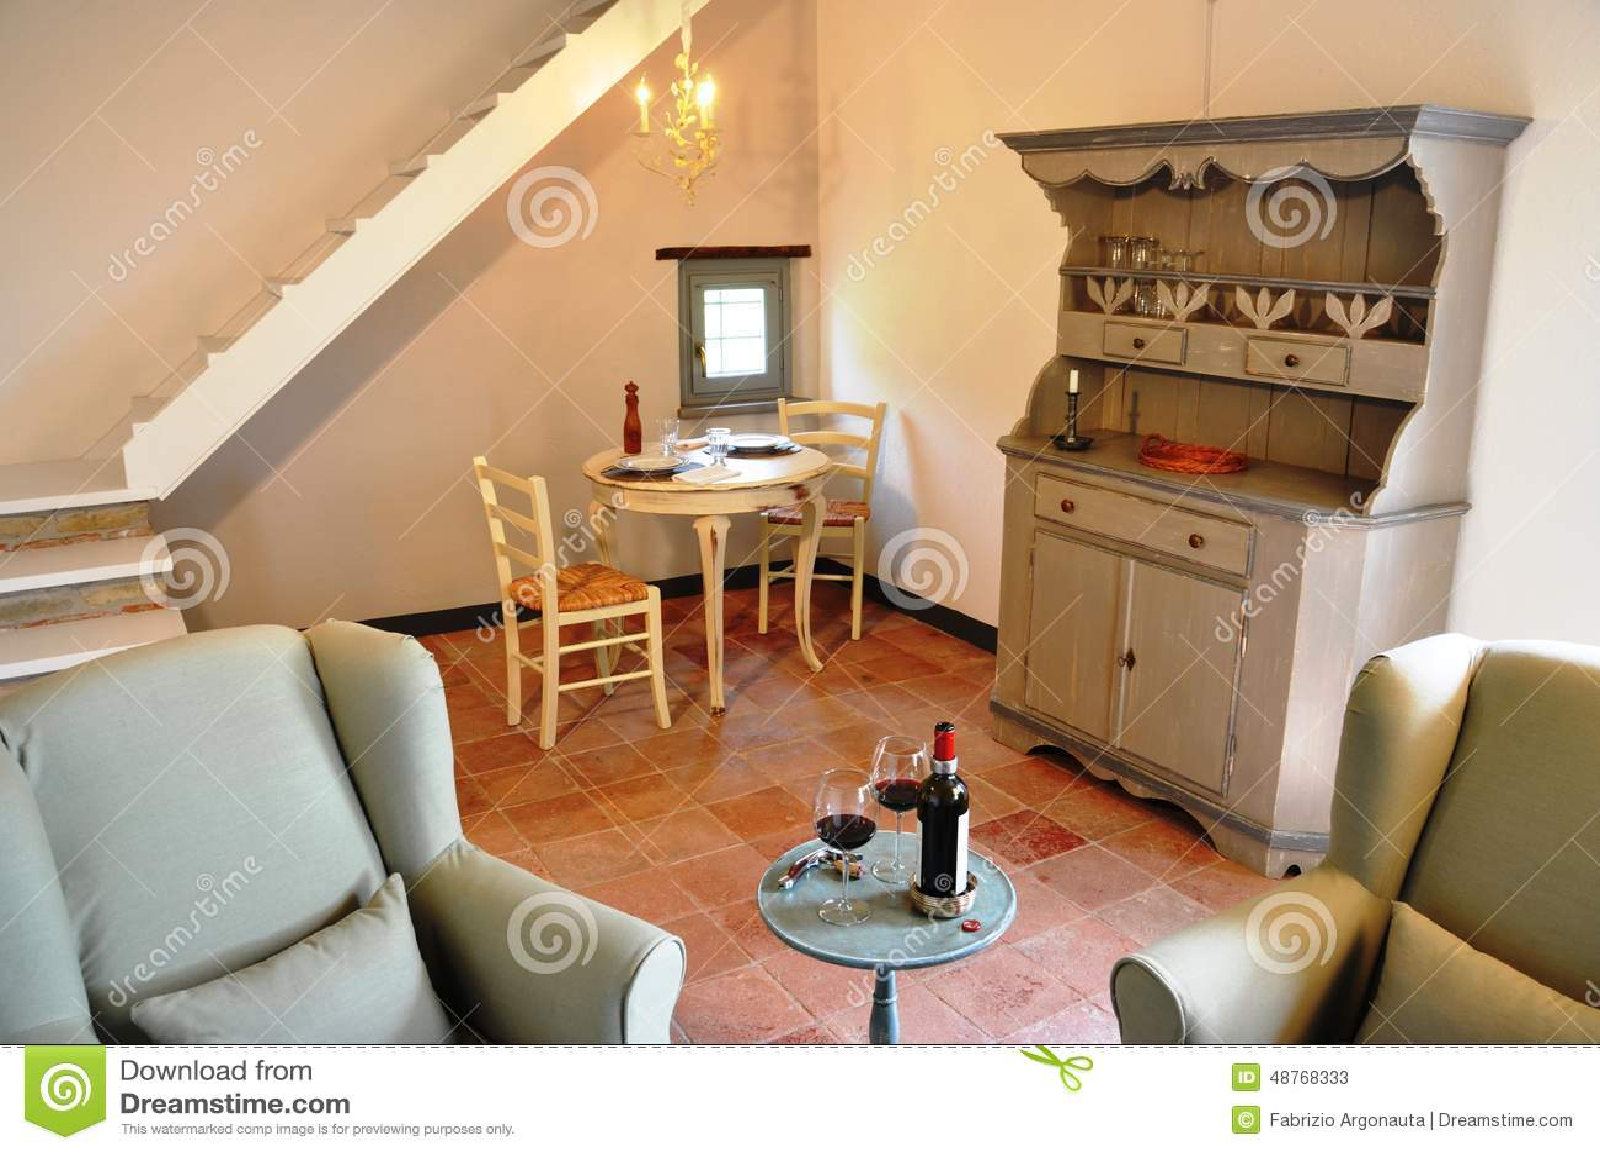 Salon de style campagnard dans une maison italienne photo stock image 4876 - Maison style campagnard ...